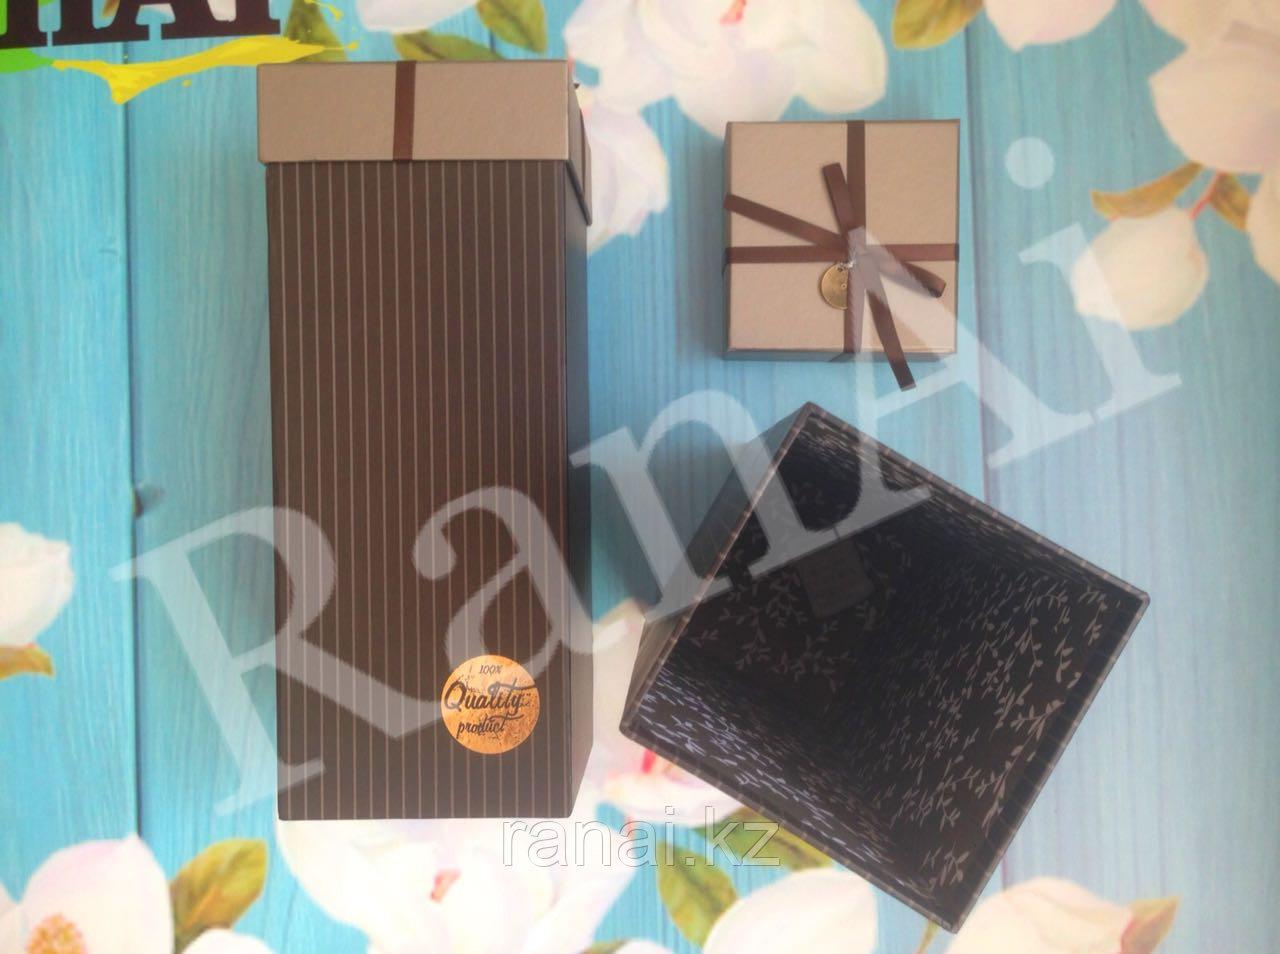 Подарочные коробки для бутылок - фото 1